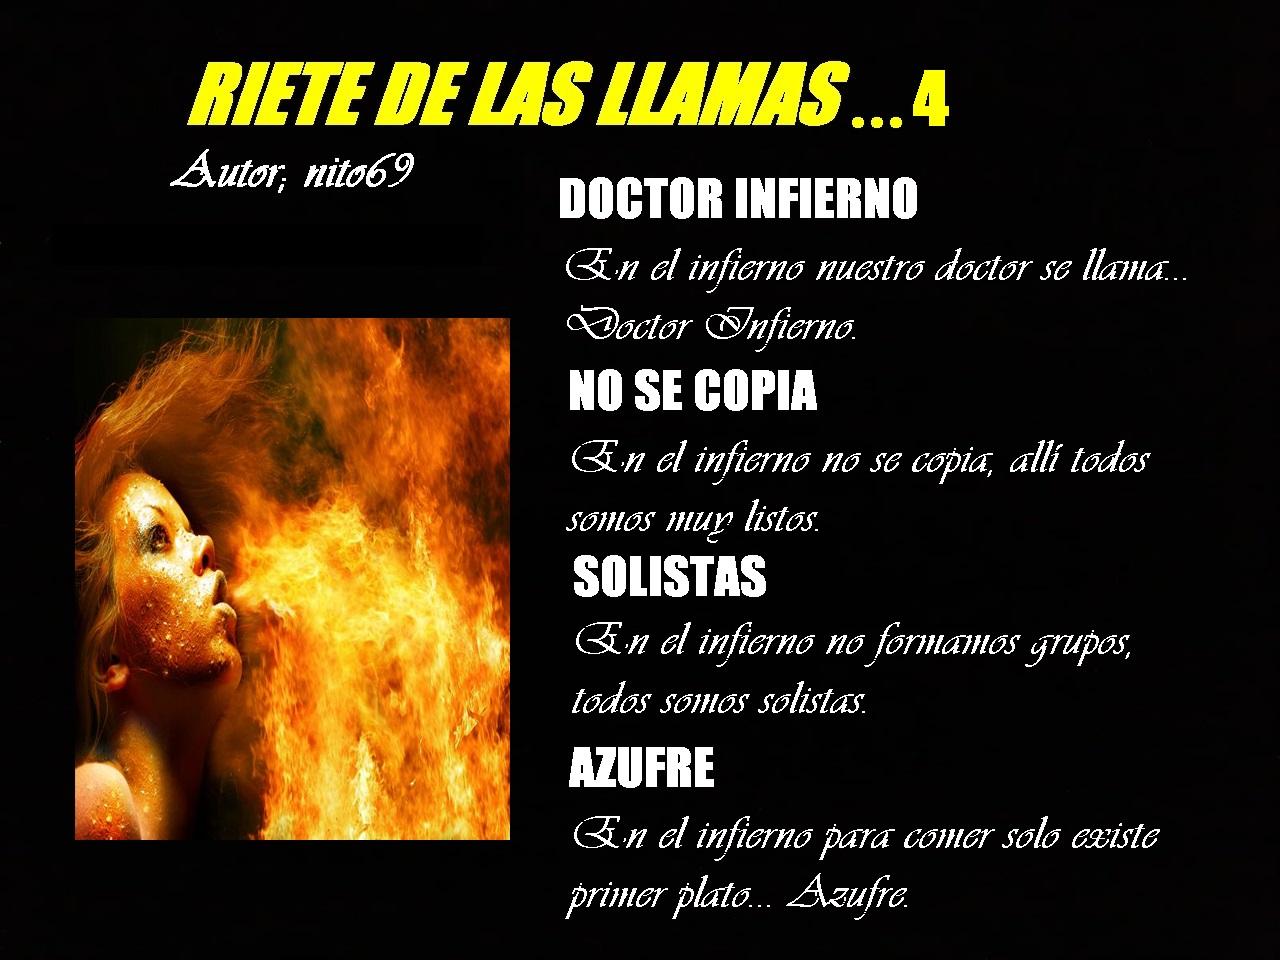 RIETE DE LAS LLAMAS...4